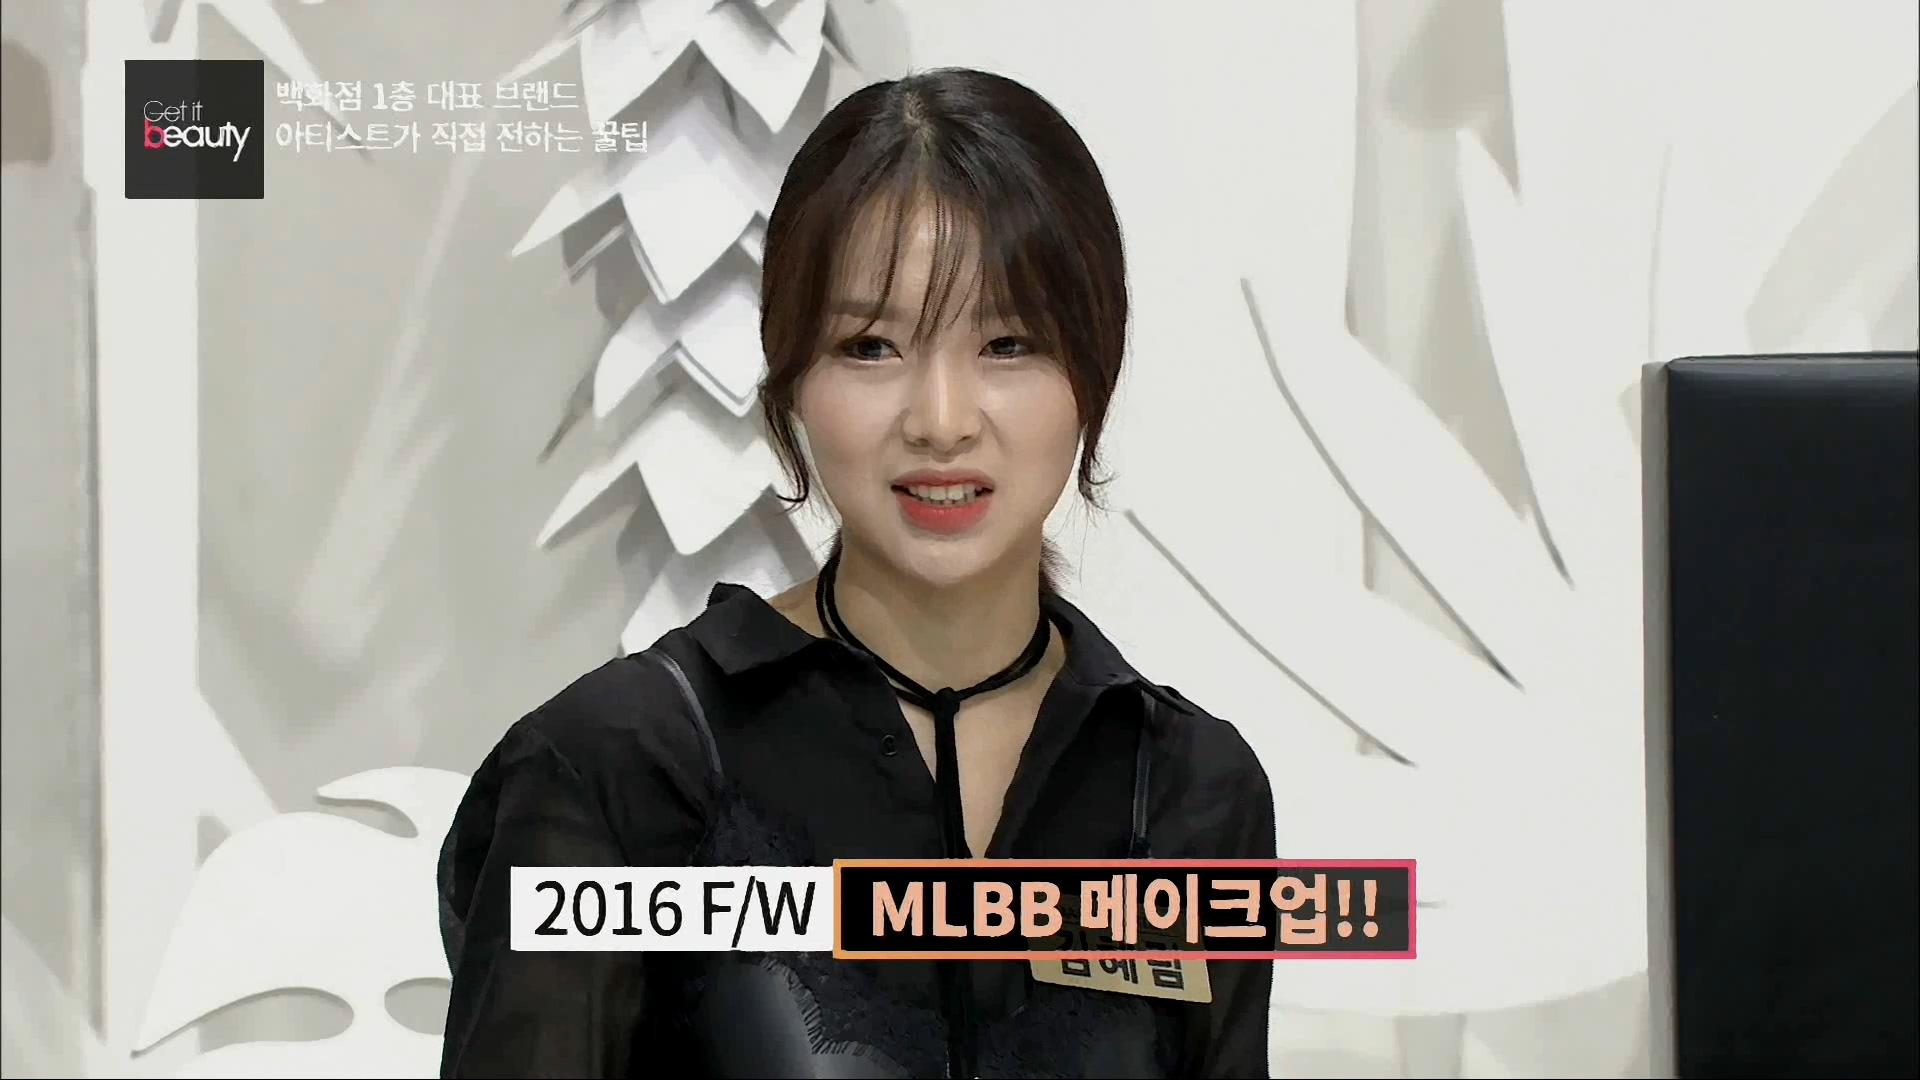 백화점 1층 대표 브랜드 M사의 메이크업 2016 F/W MLBB 메이크업을 알려드릴게요